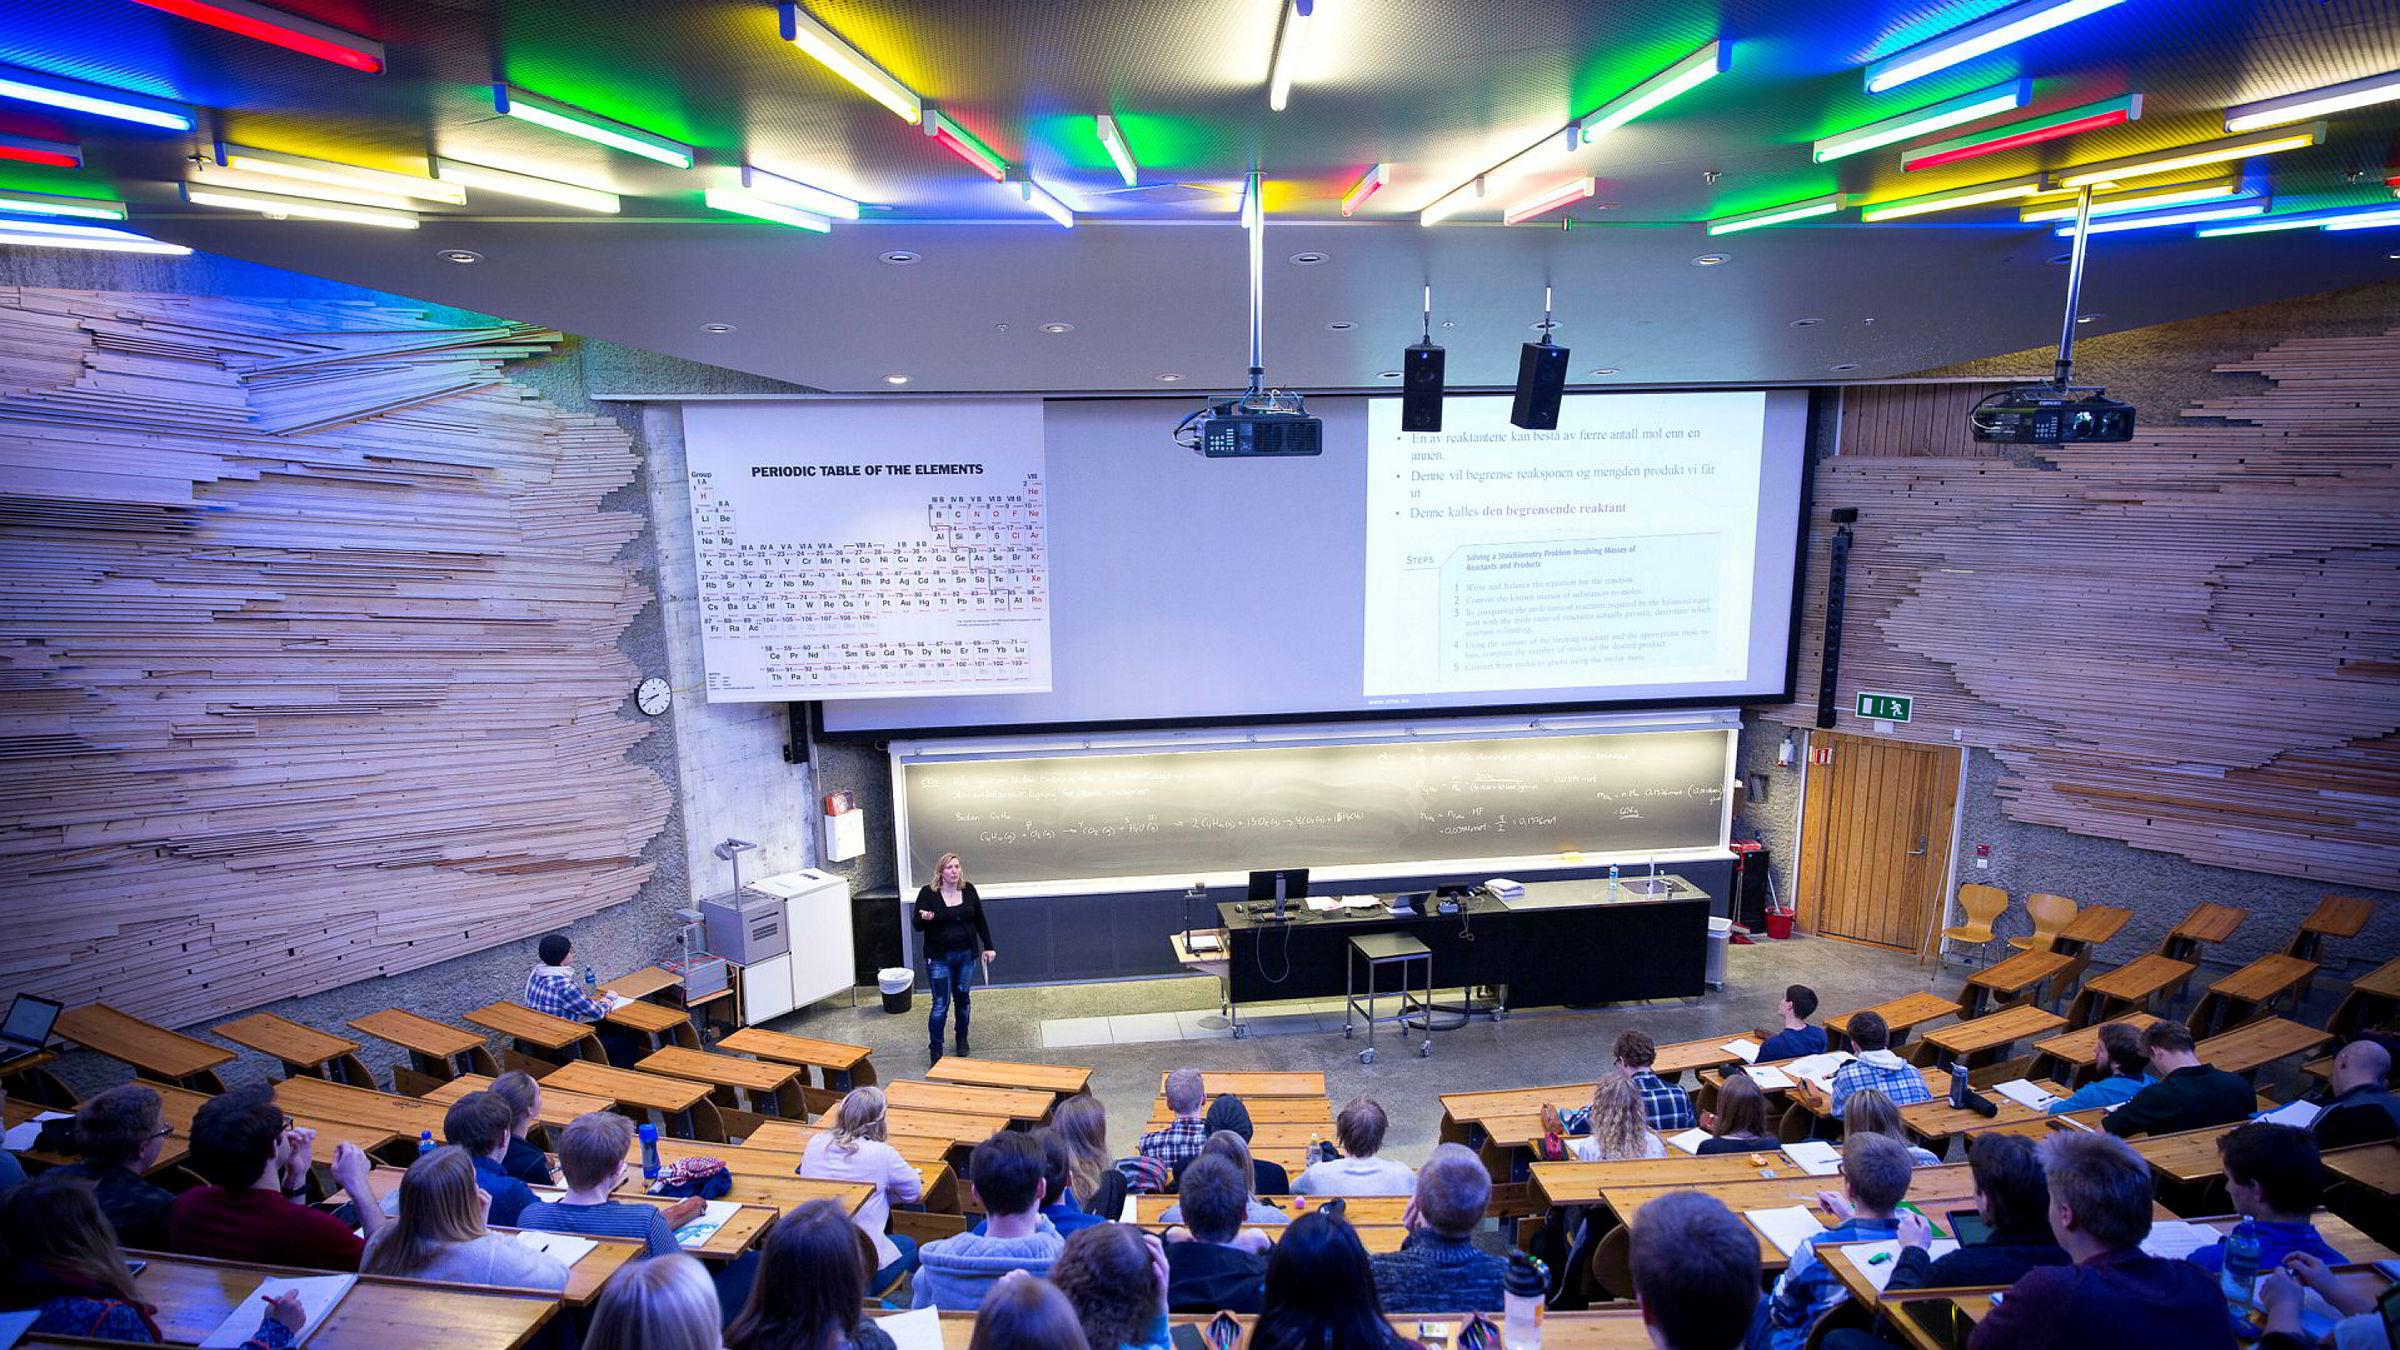 Alt for mange benker står tomme på norske realfagsforelesninger. Sammenlignet med nabolandene uteksaminerer Norge vesentlig færre studenter i realfag, noe som ikke er godt nytt med tanke på Norges fremtidige behov av teknologer. Her fra en kjemiforelesning på Gløshaugen i Trondheim.